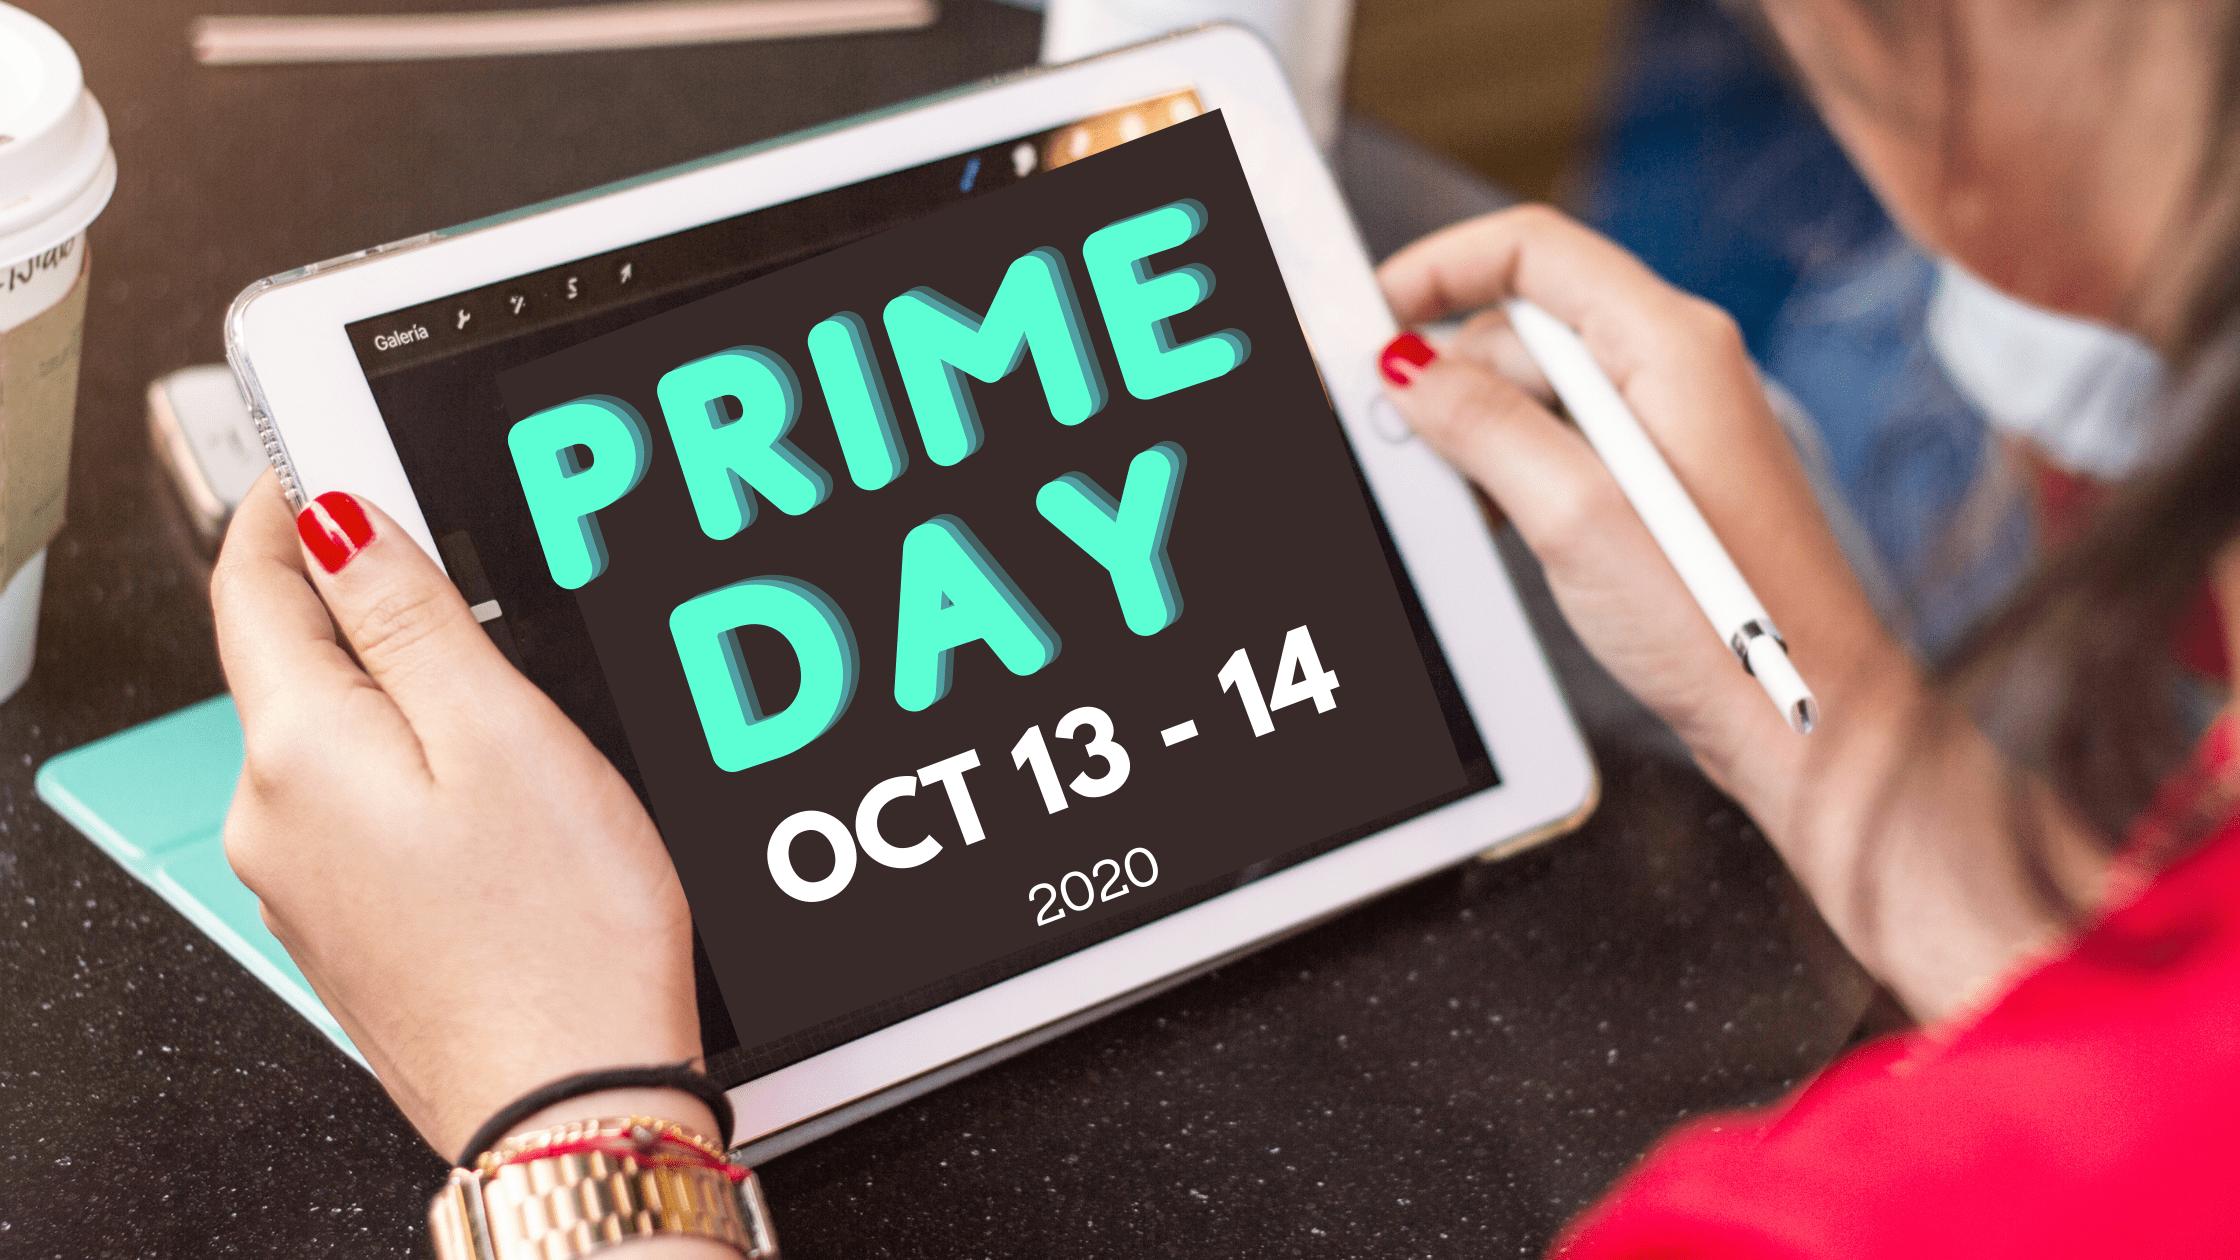 Amazon prime day Oct 13-14, 2020